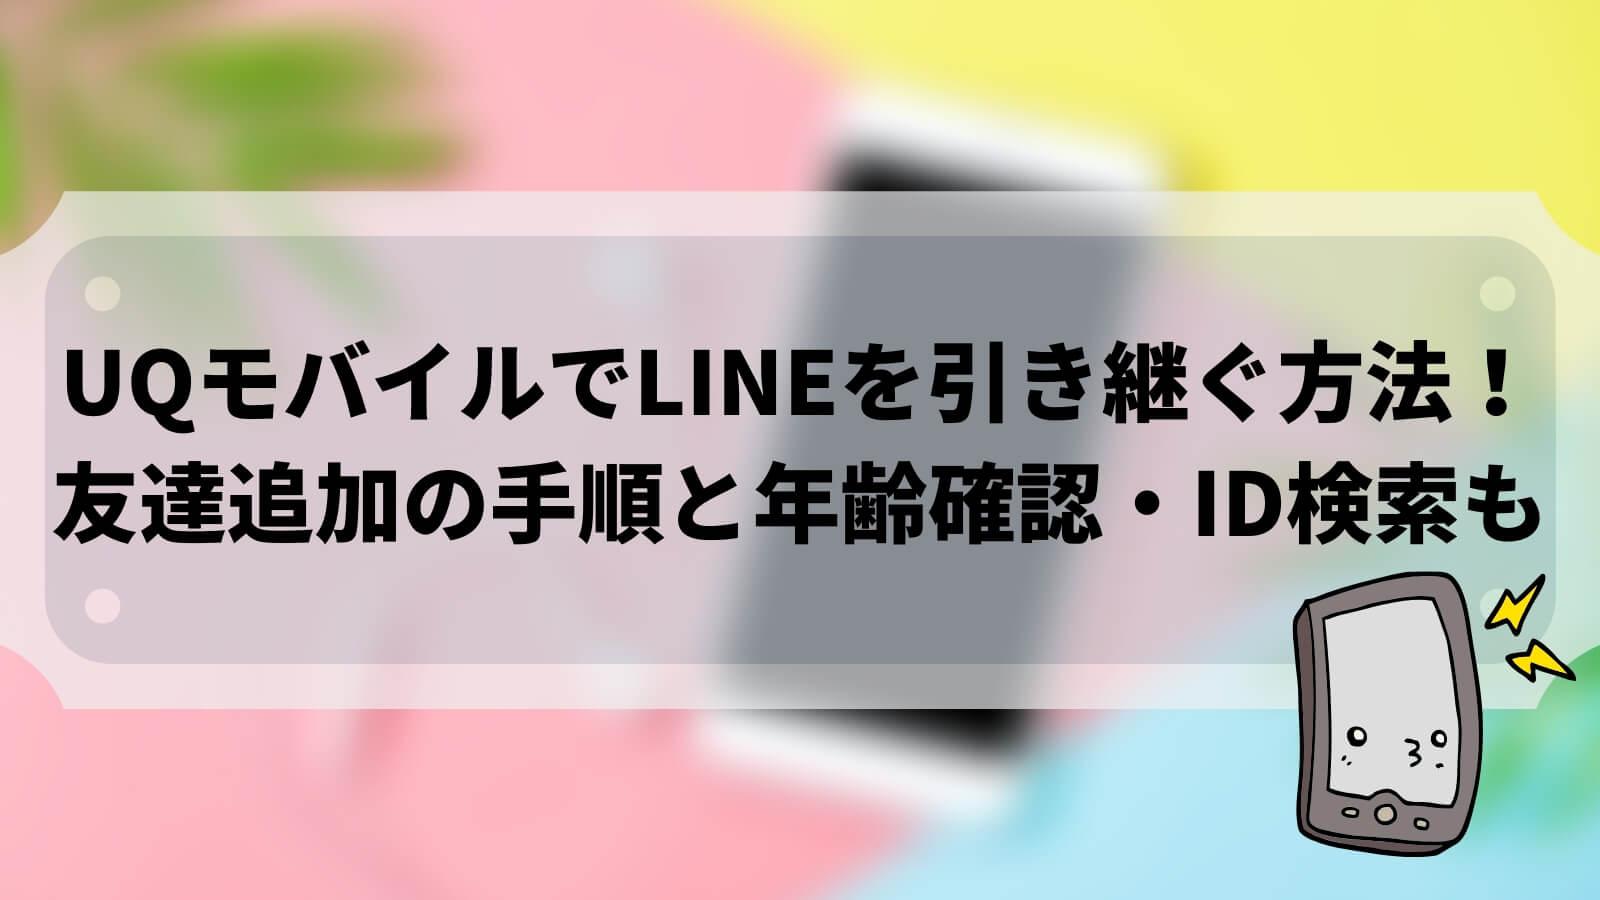 UQモバイルでLINEを引き継ぐ方法!友達追加の手順と年齢確認・ID検索も解説